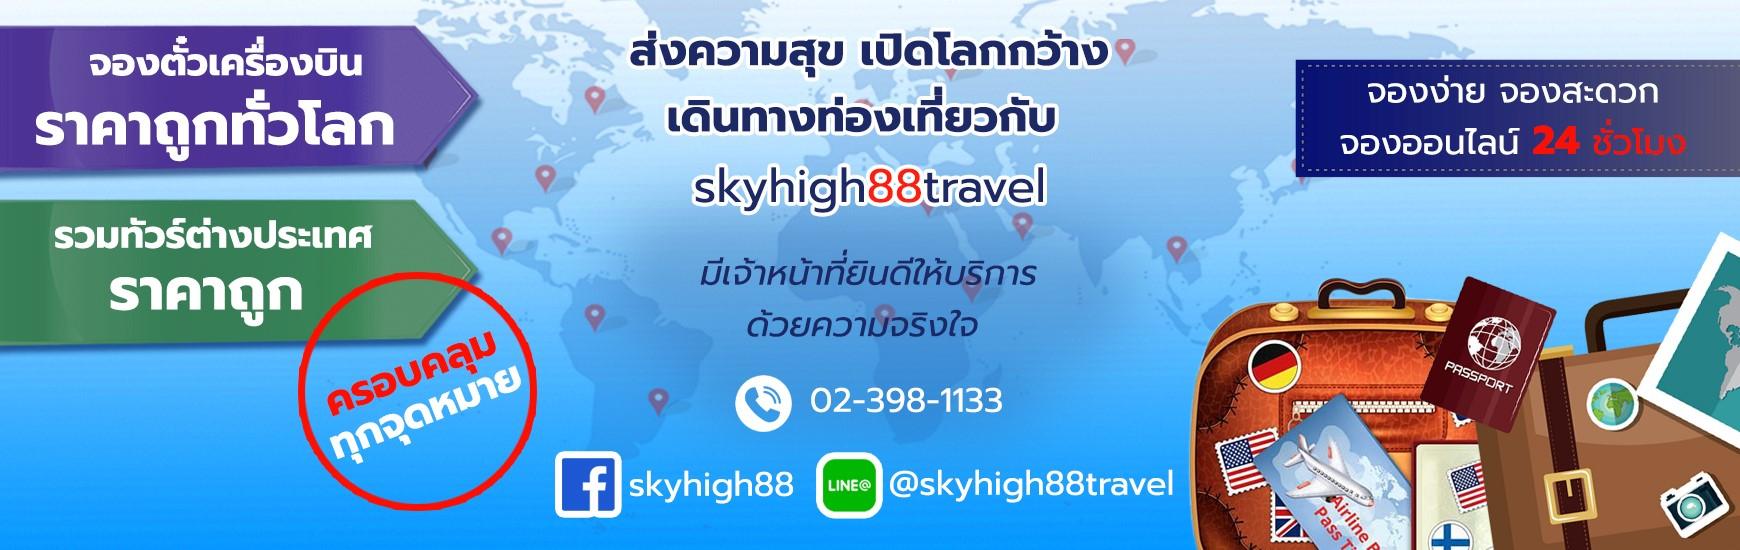 จองตั๋วเครื่องบิน ทัวร์ ต่างประเทศ ราคาถูก